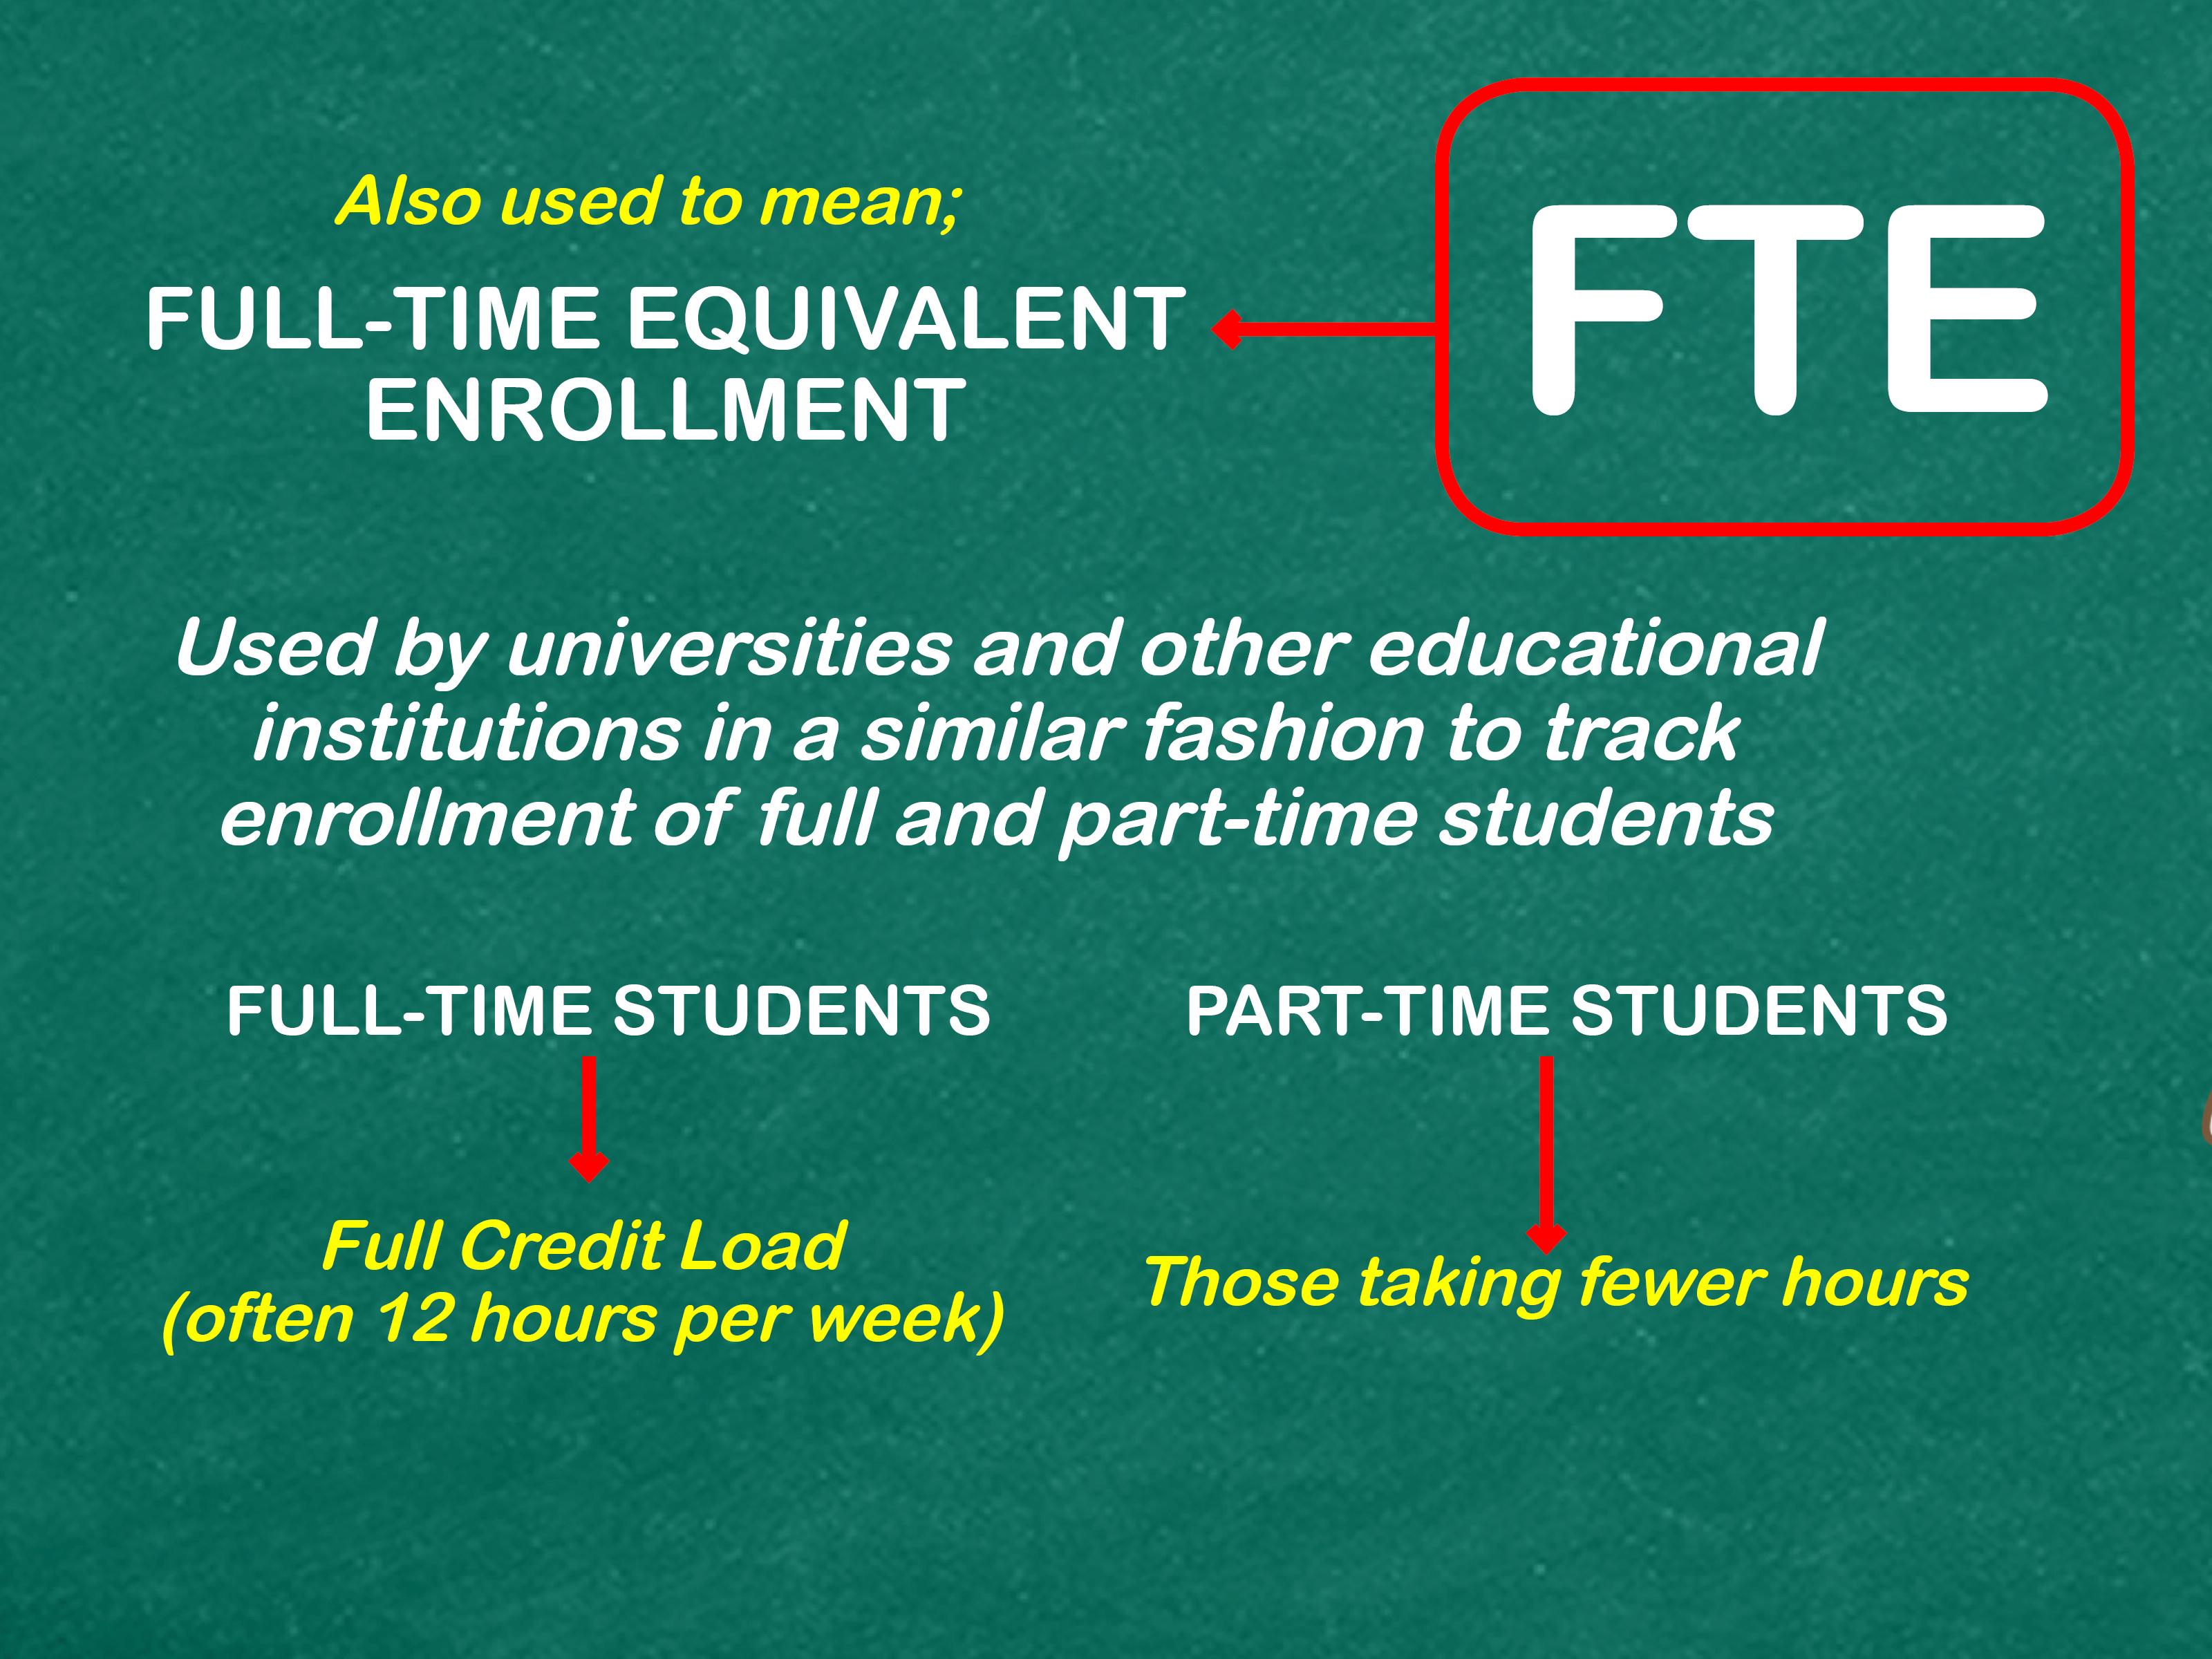 3 Formas De Calcular El Equivalente De Tiempo Completo Fte